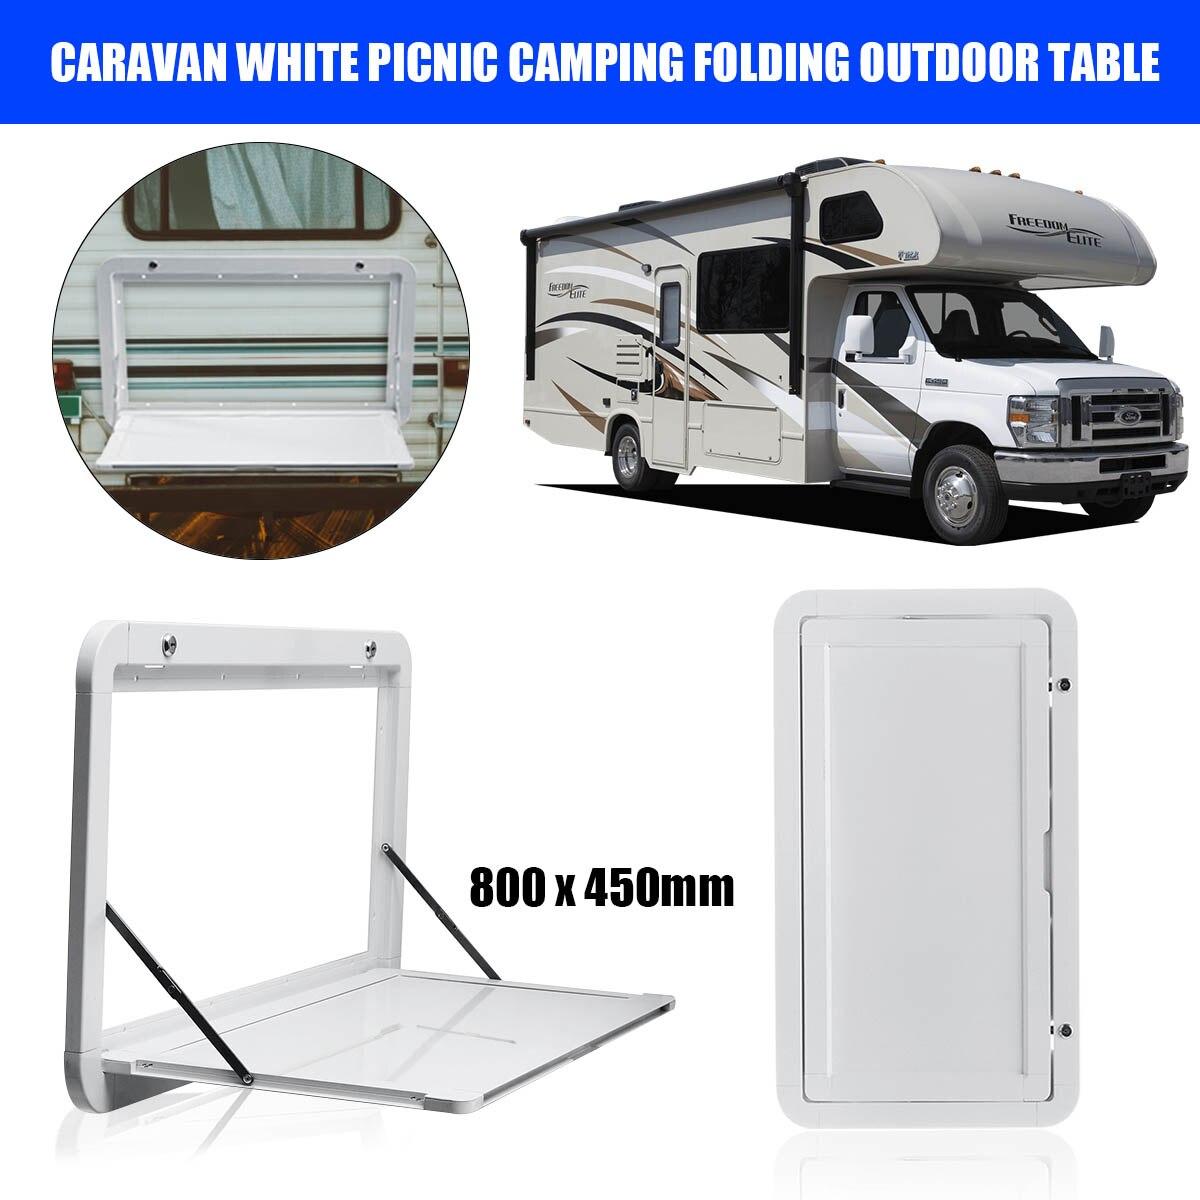 Autoleader 800x450mm caravane blanc pique-nique Camping pliant Table extérieure Camping-car RV pour Camping-cars caravane